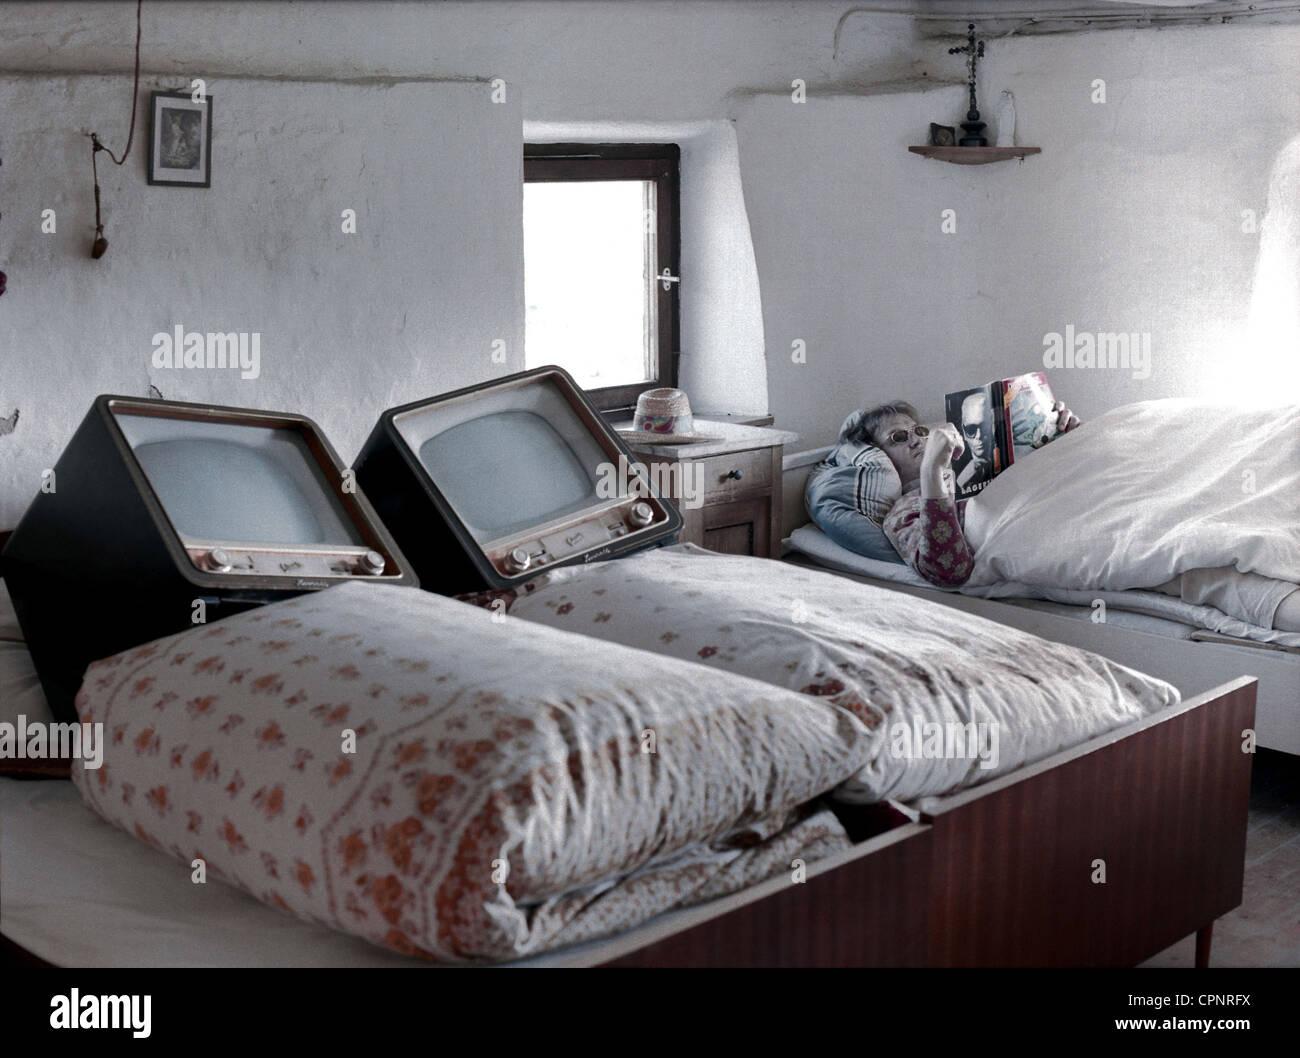 Rundfunk, Fernsehen, zwei Fernseher im Bett, im Schlafzimmer, Symbol ...